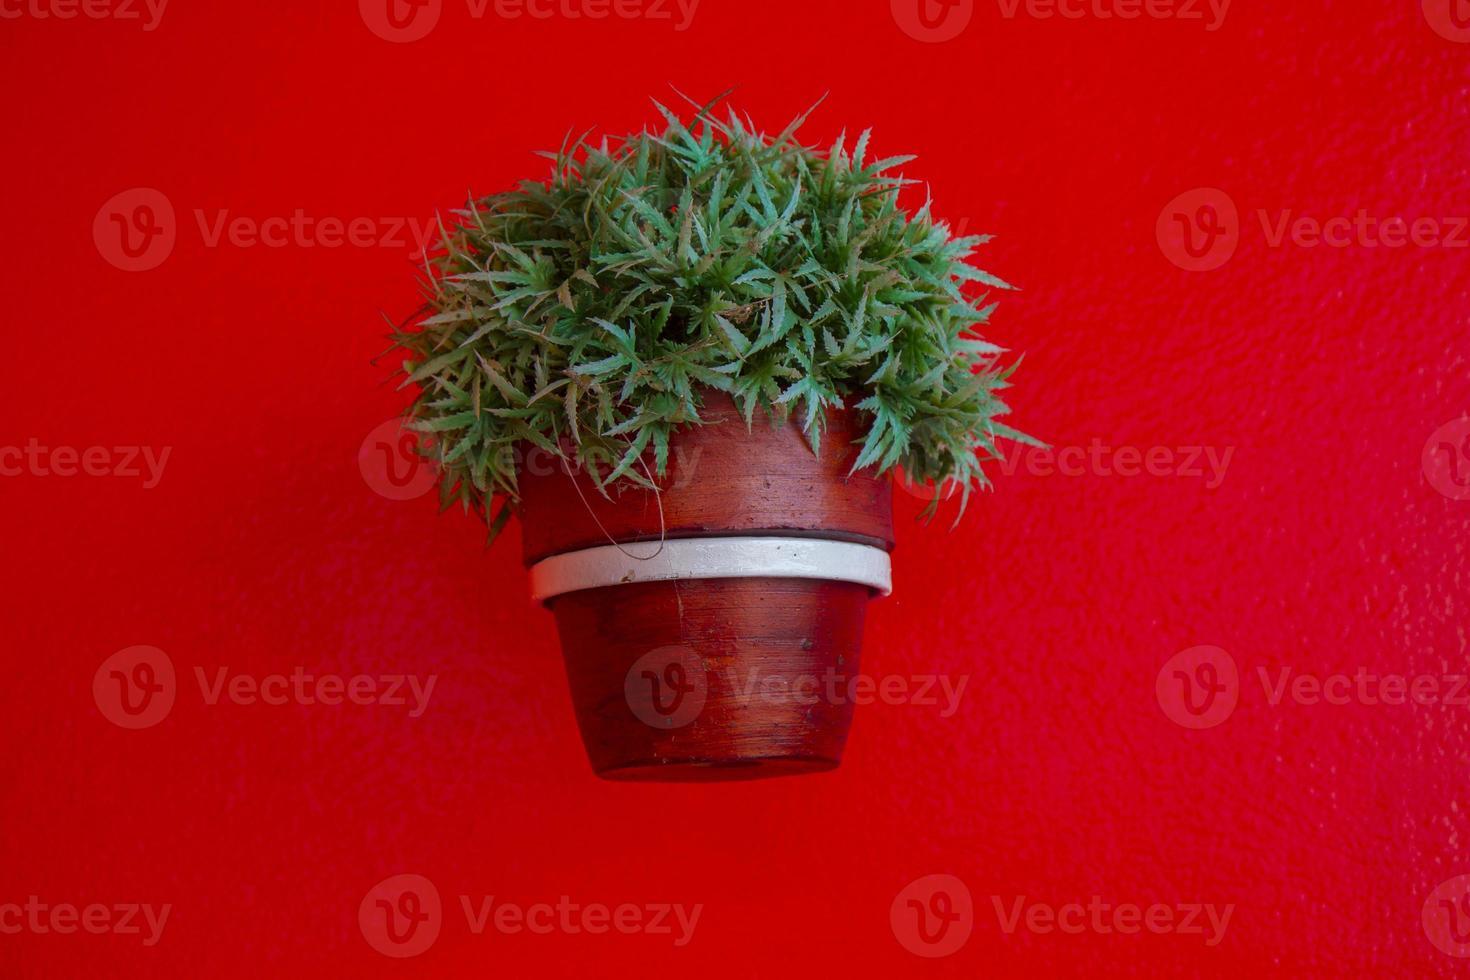 grünes Gras im Blumentopf an der roten Wand foto